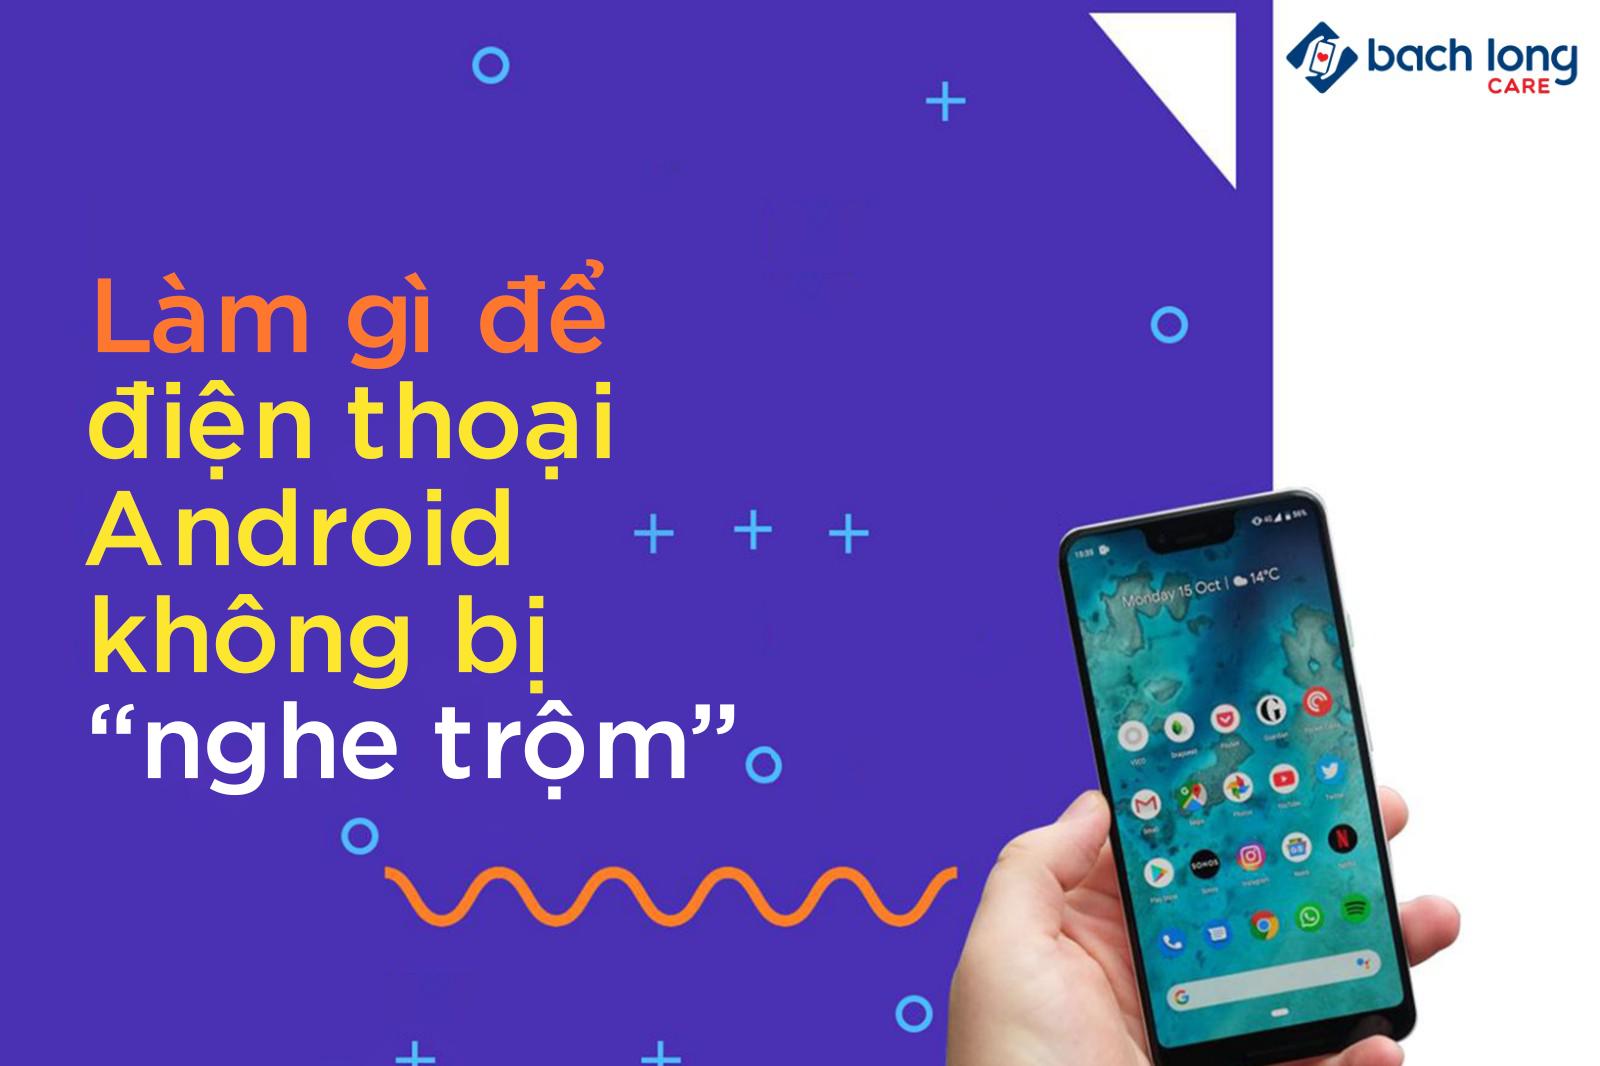 Cách để không bị nghe trộm khi sử dụng điện thoại Android